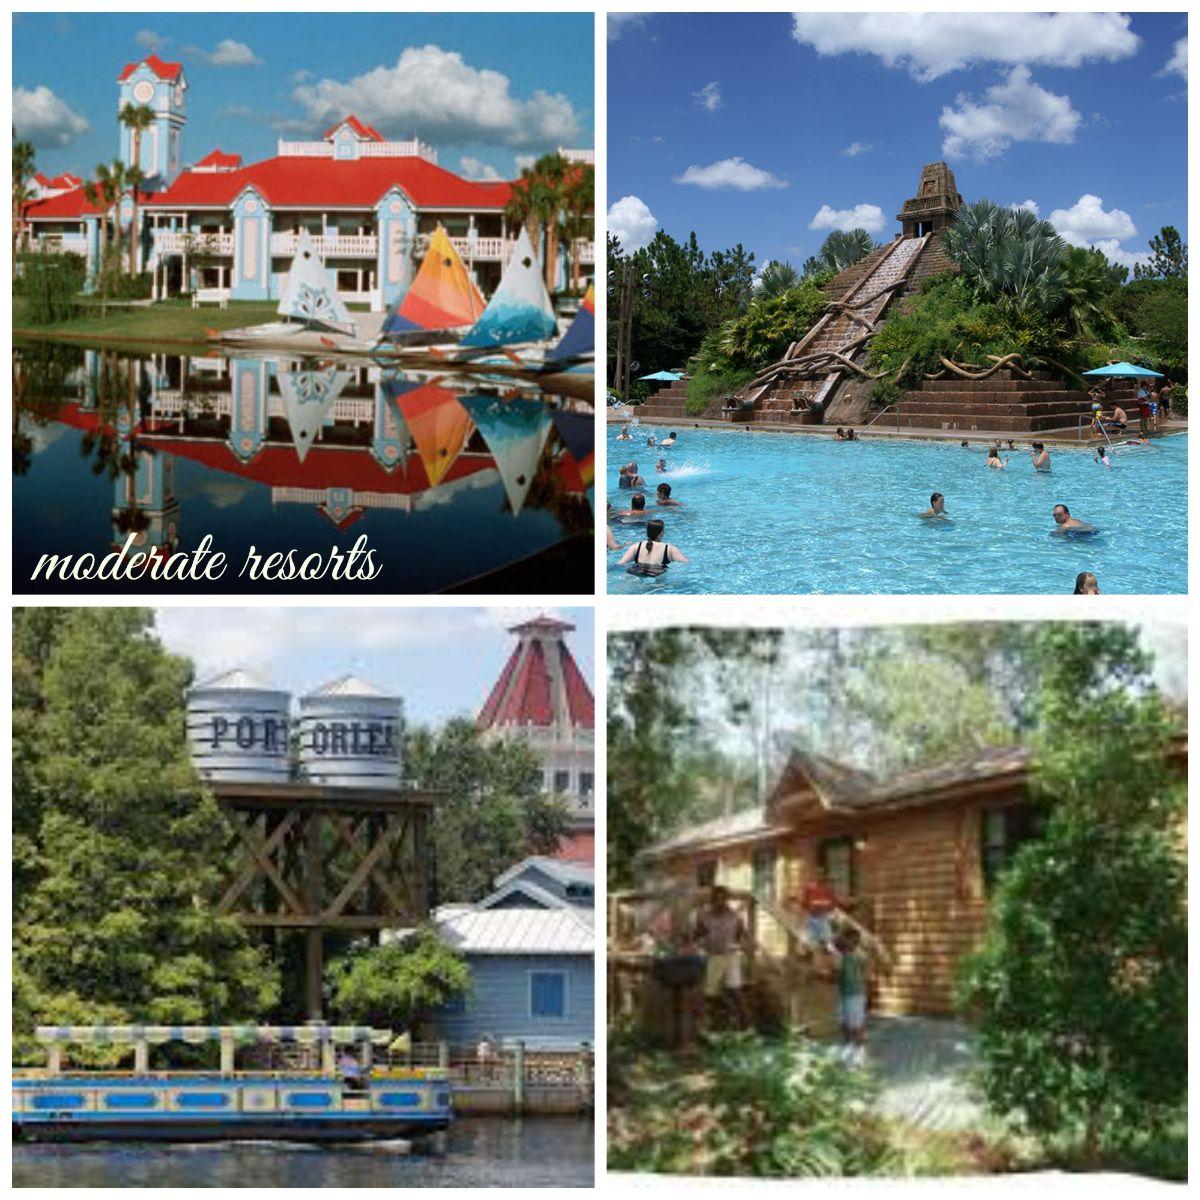 Moderate Resorts